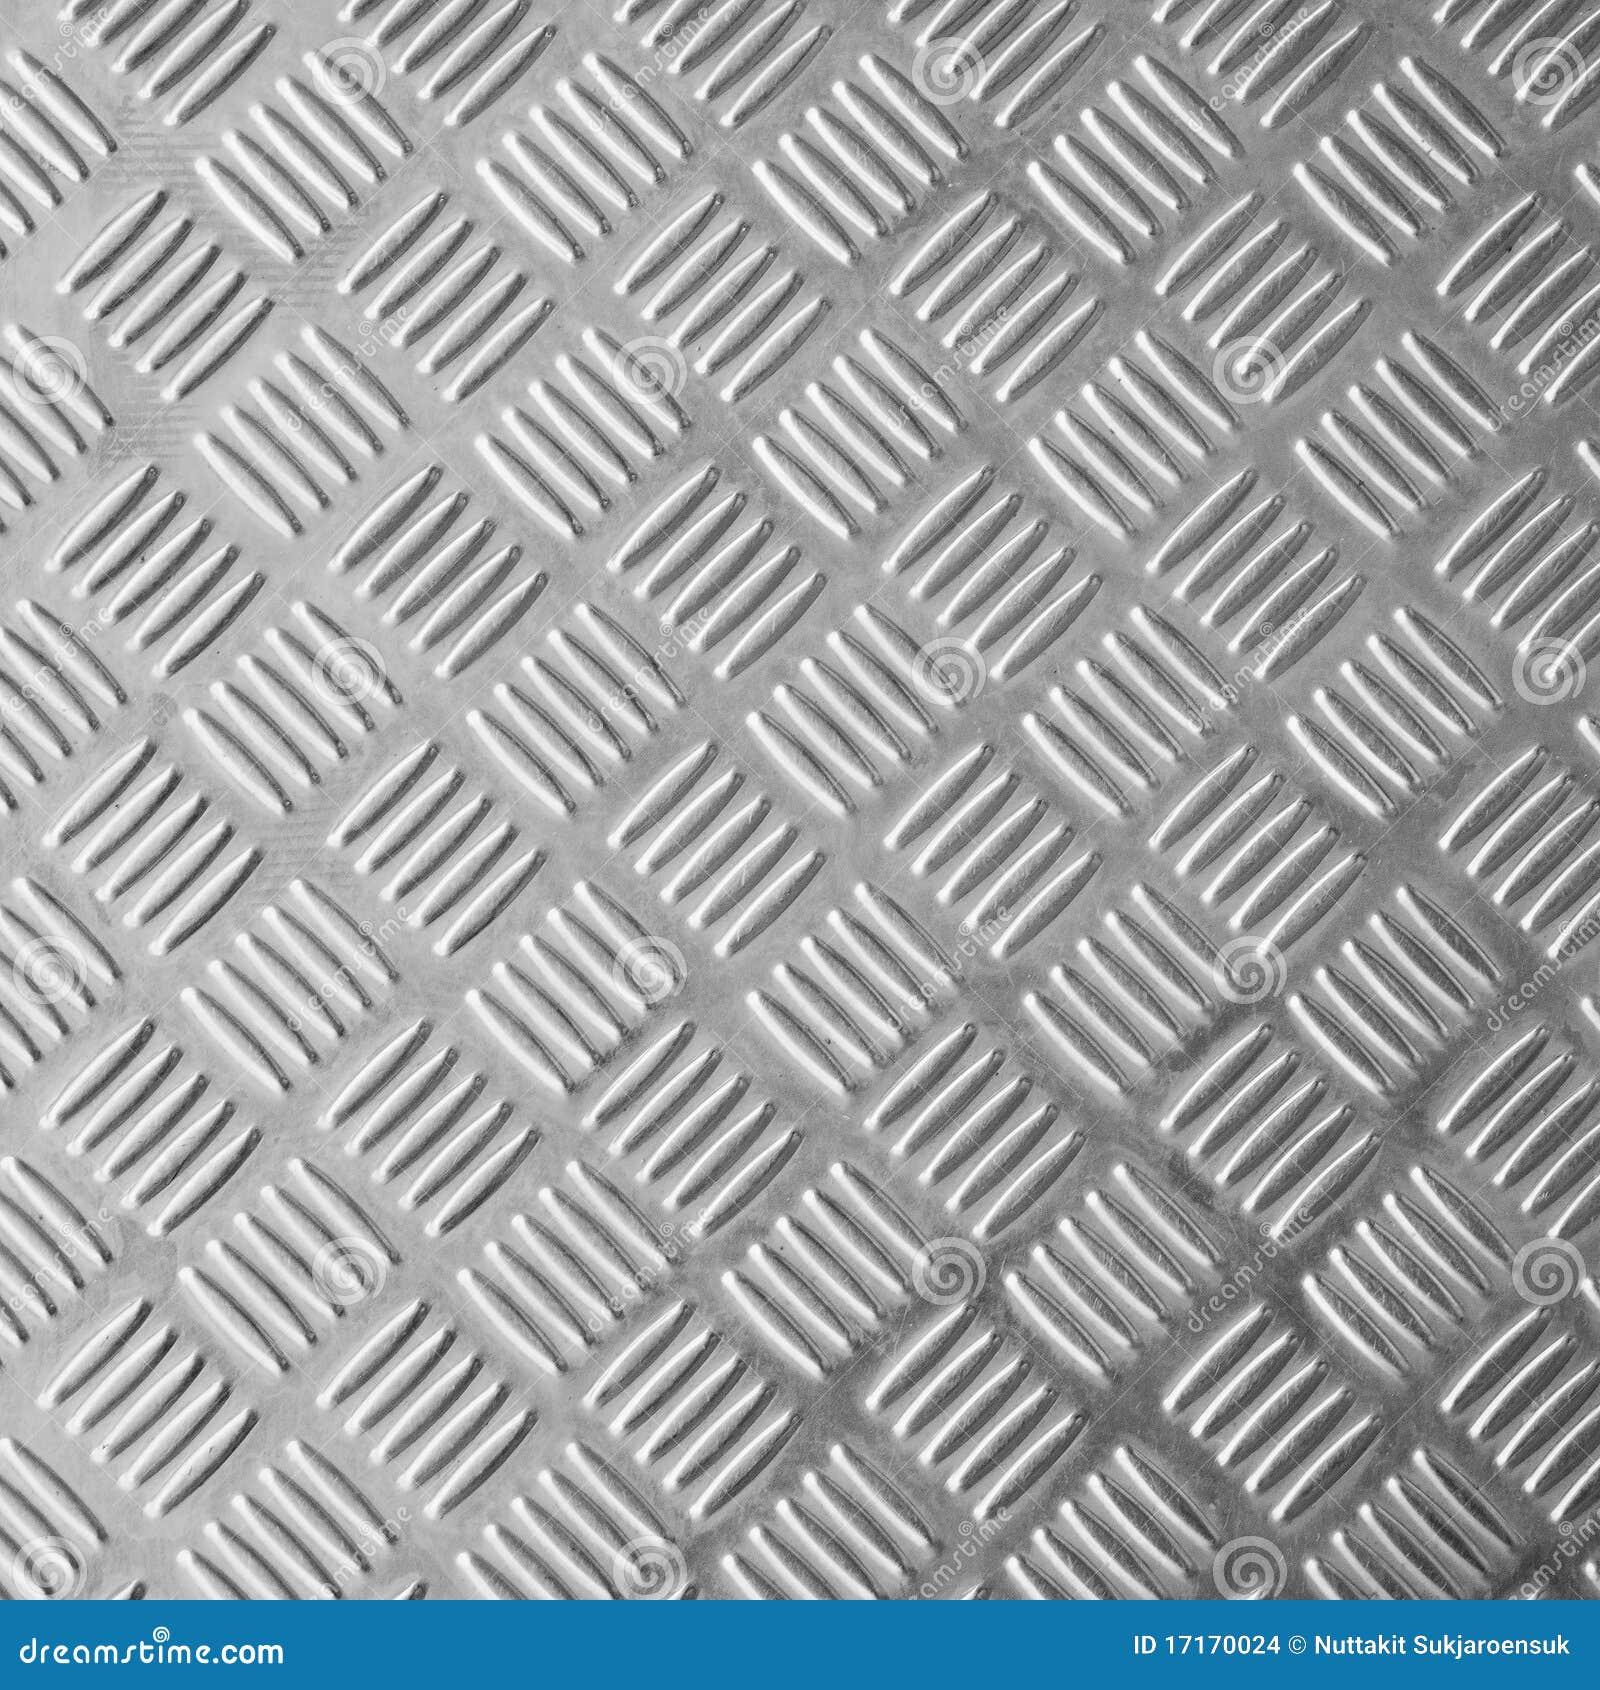 Placa de suelo brillante de acero inoxidable foto de - Placa acero inoxidable ...